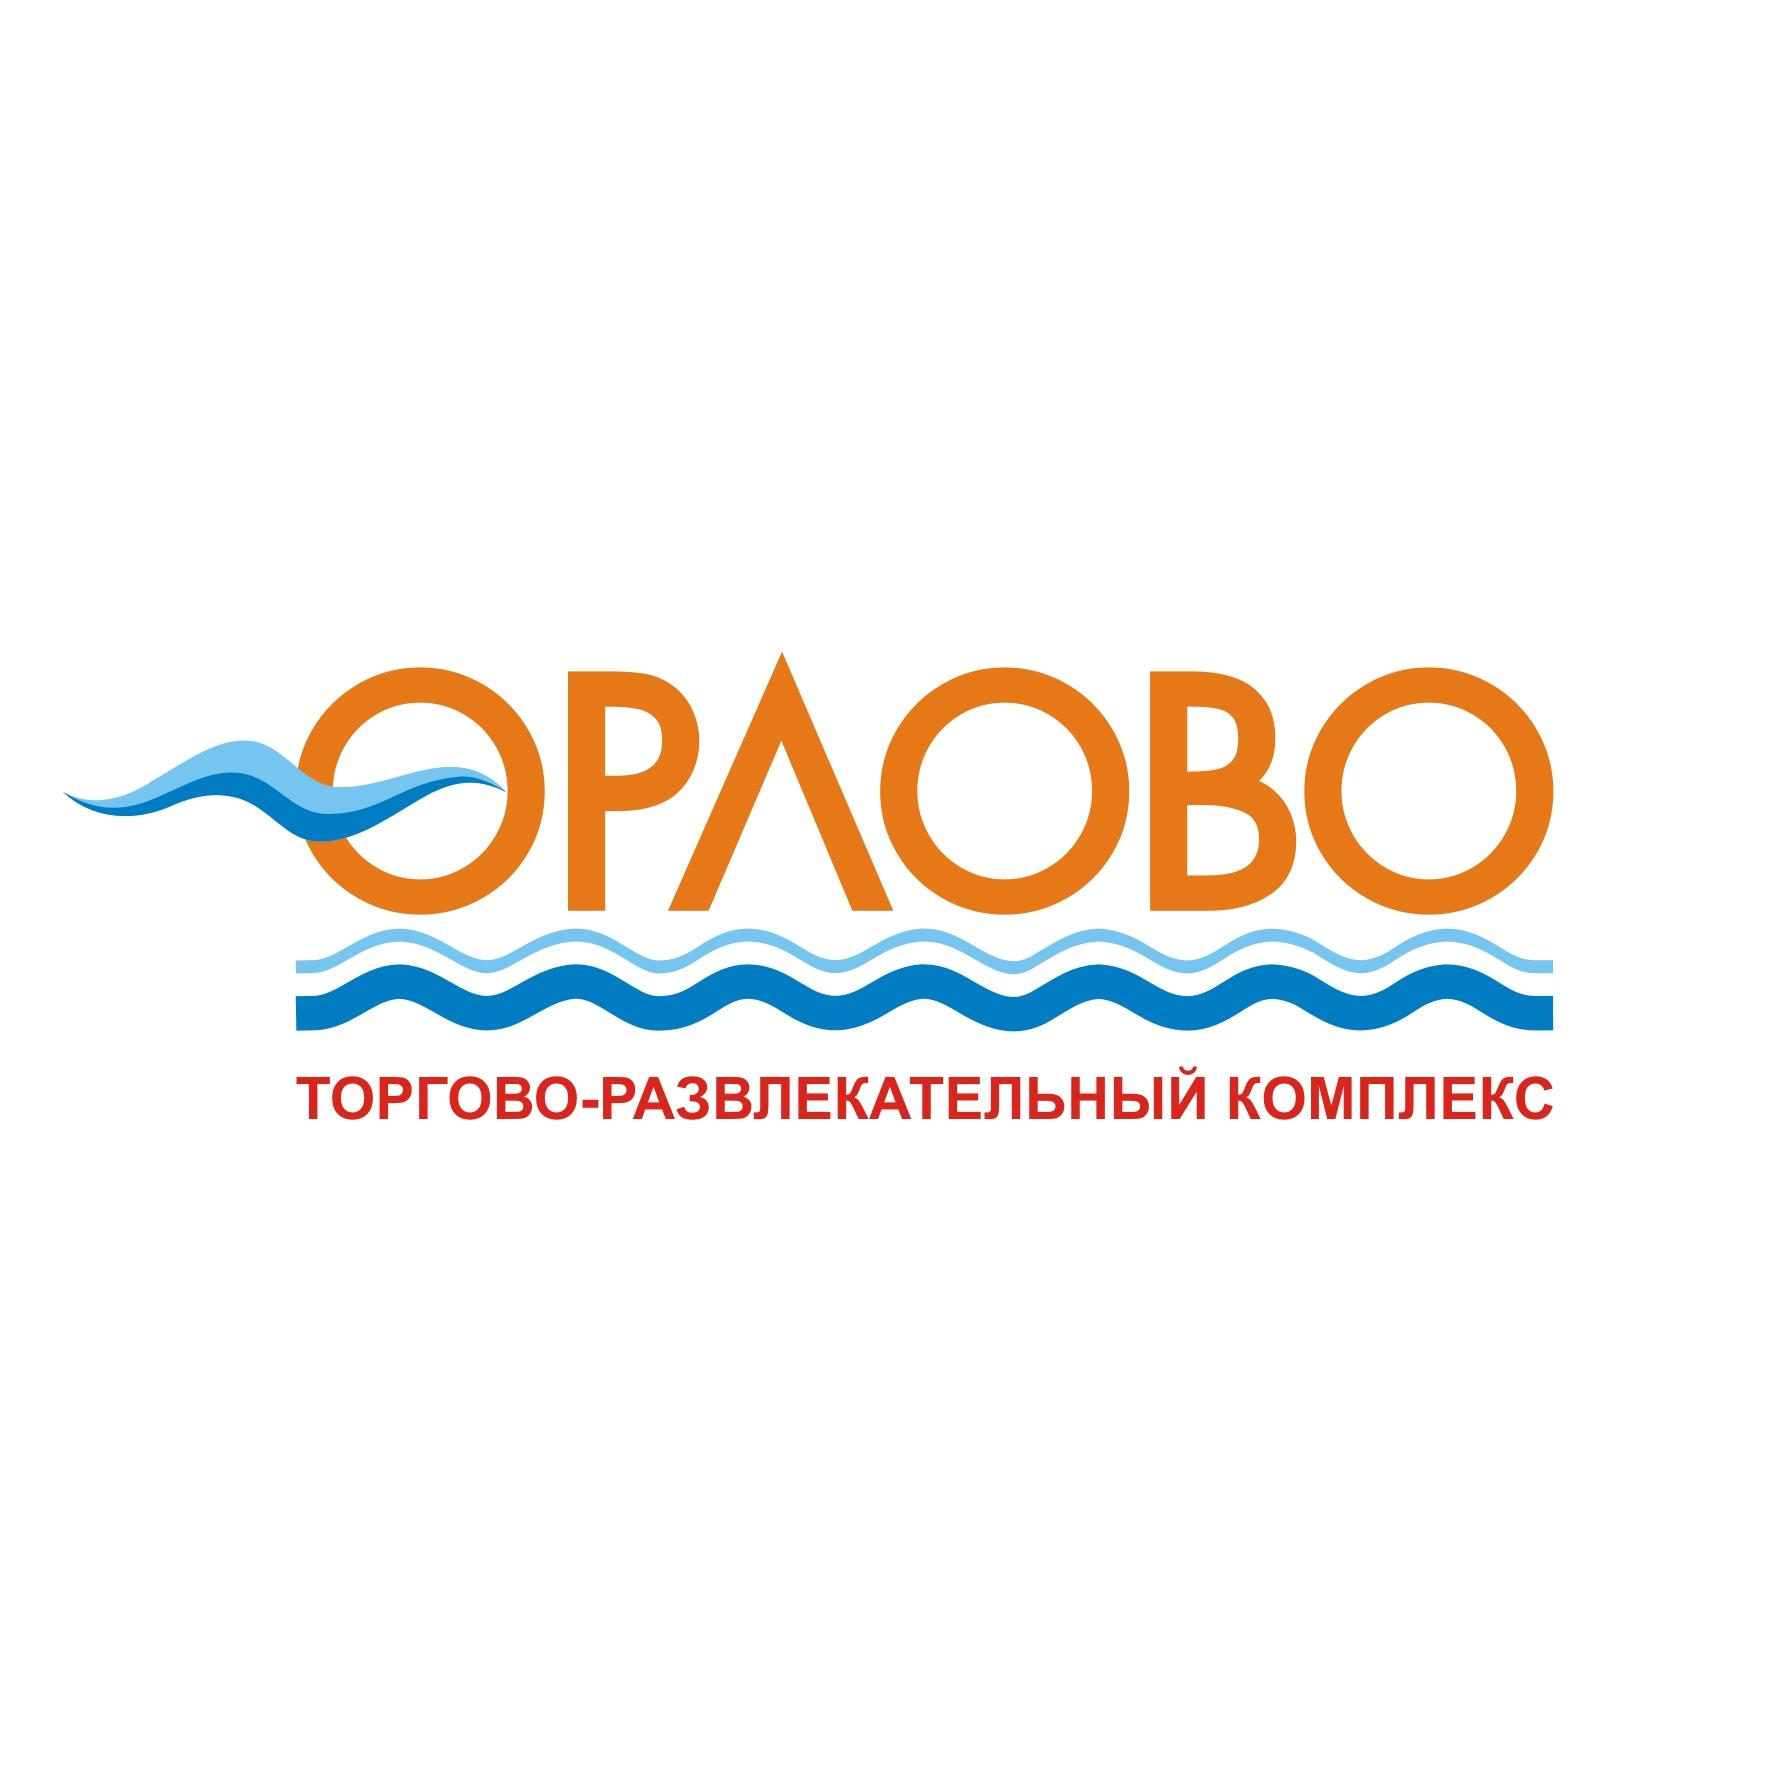 Разработка логотипа для Торгово-развлекательного комплекса фото f_626596684ed1e212.jpg